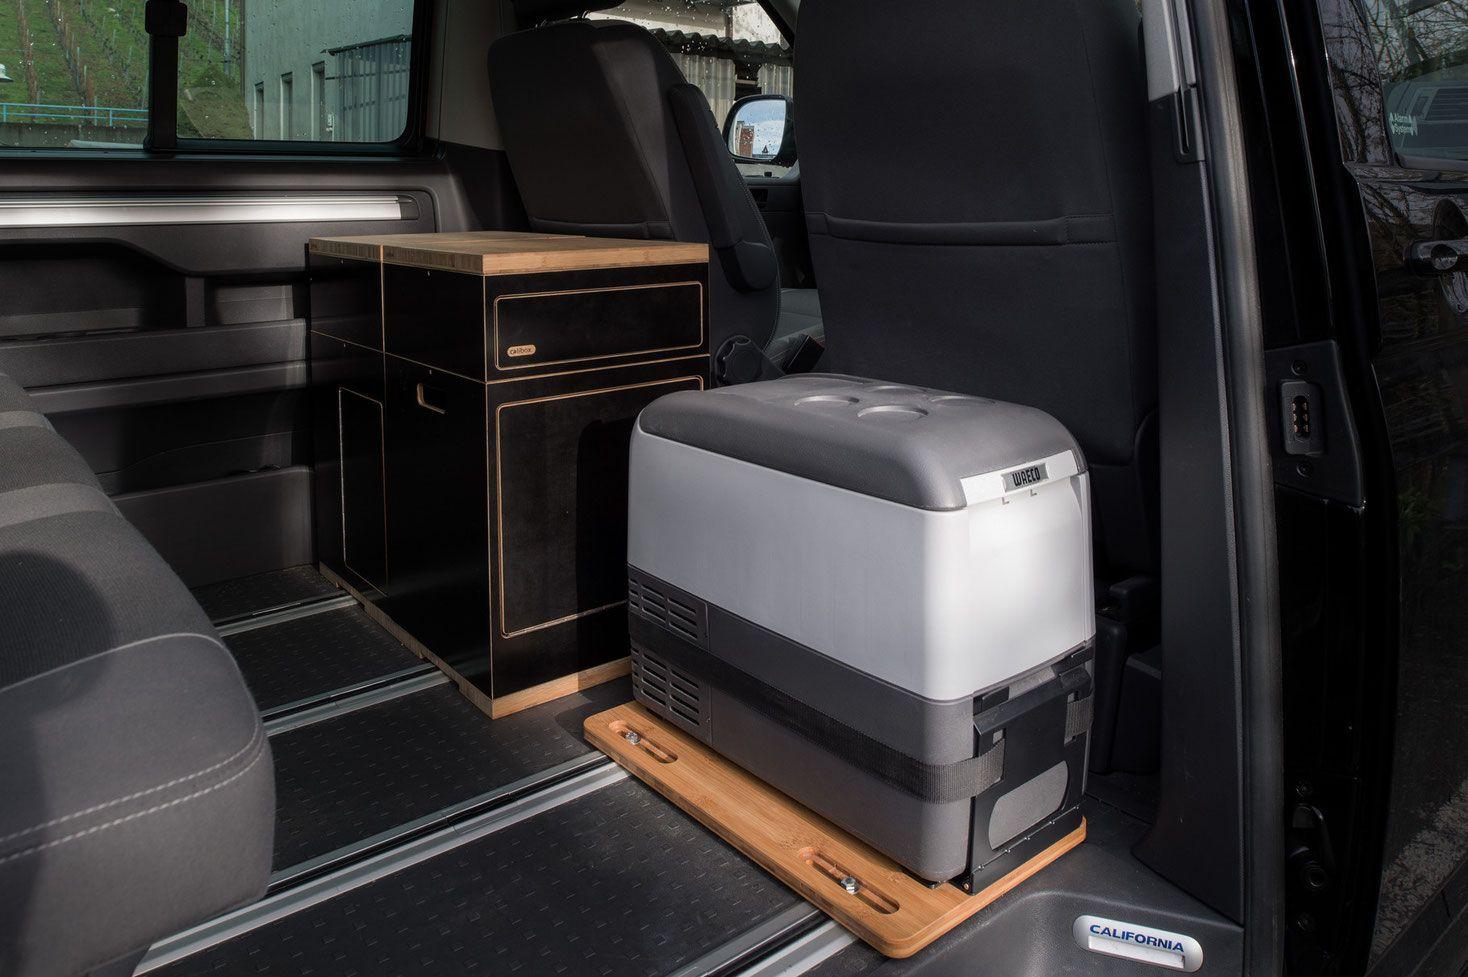 Auto Kühlschrank Selber Bauen : Befestigung an bodenschiene kühlbox waeco cdf 25 cdf 26 vw bus